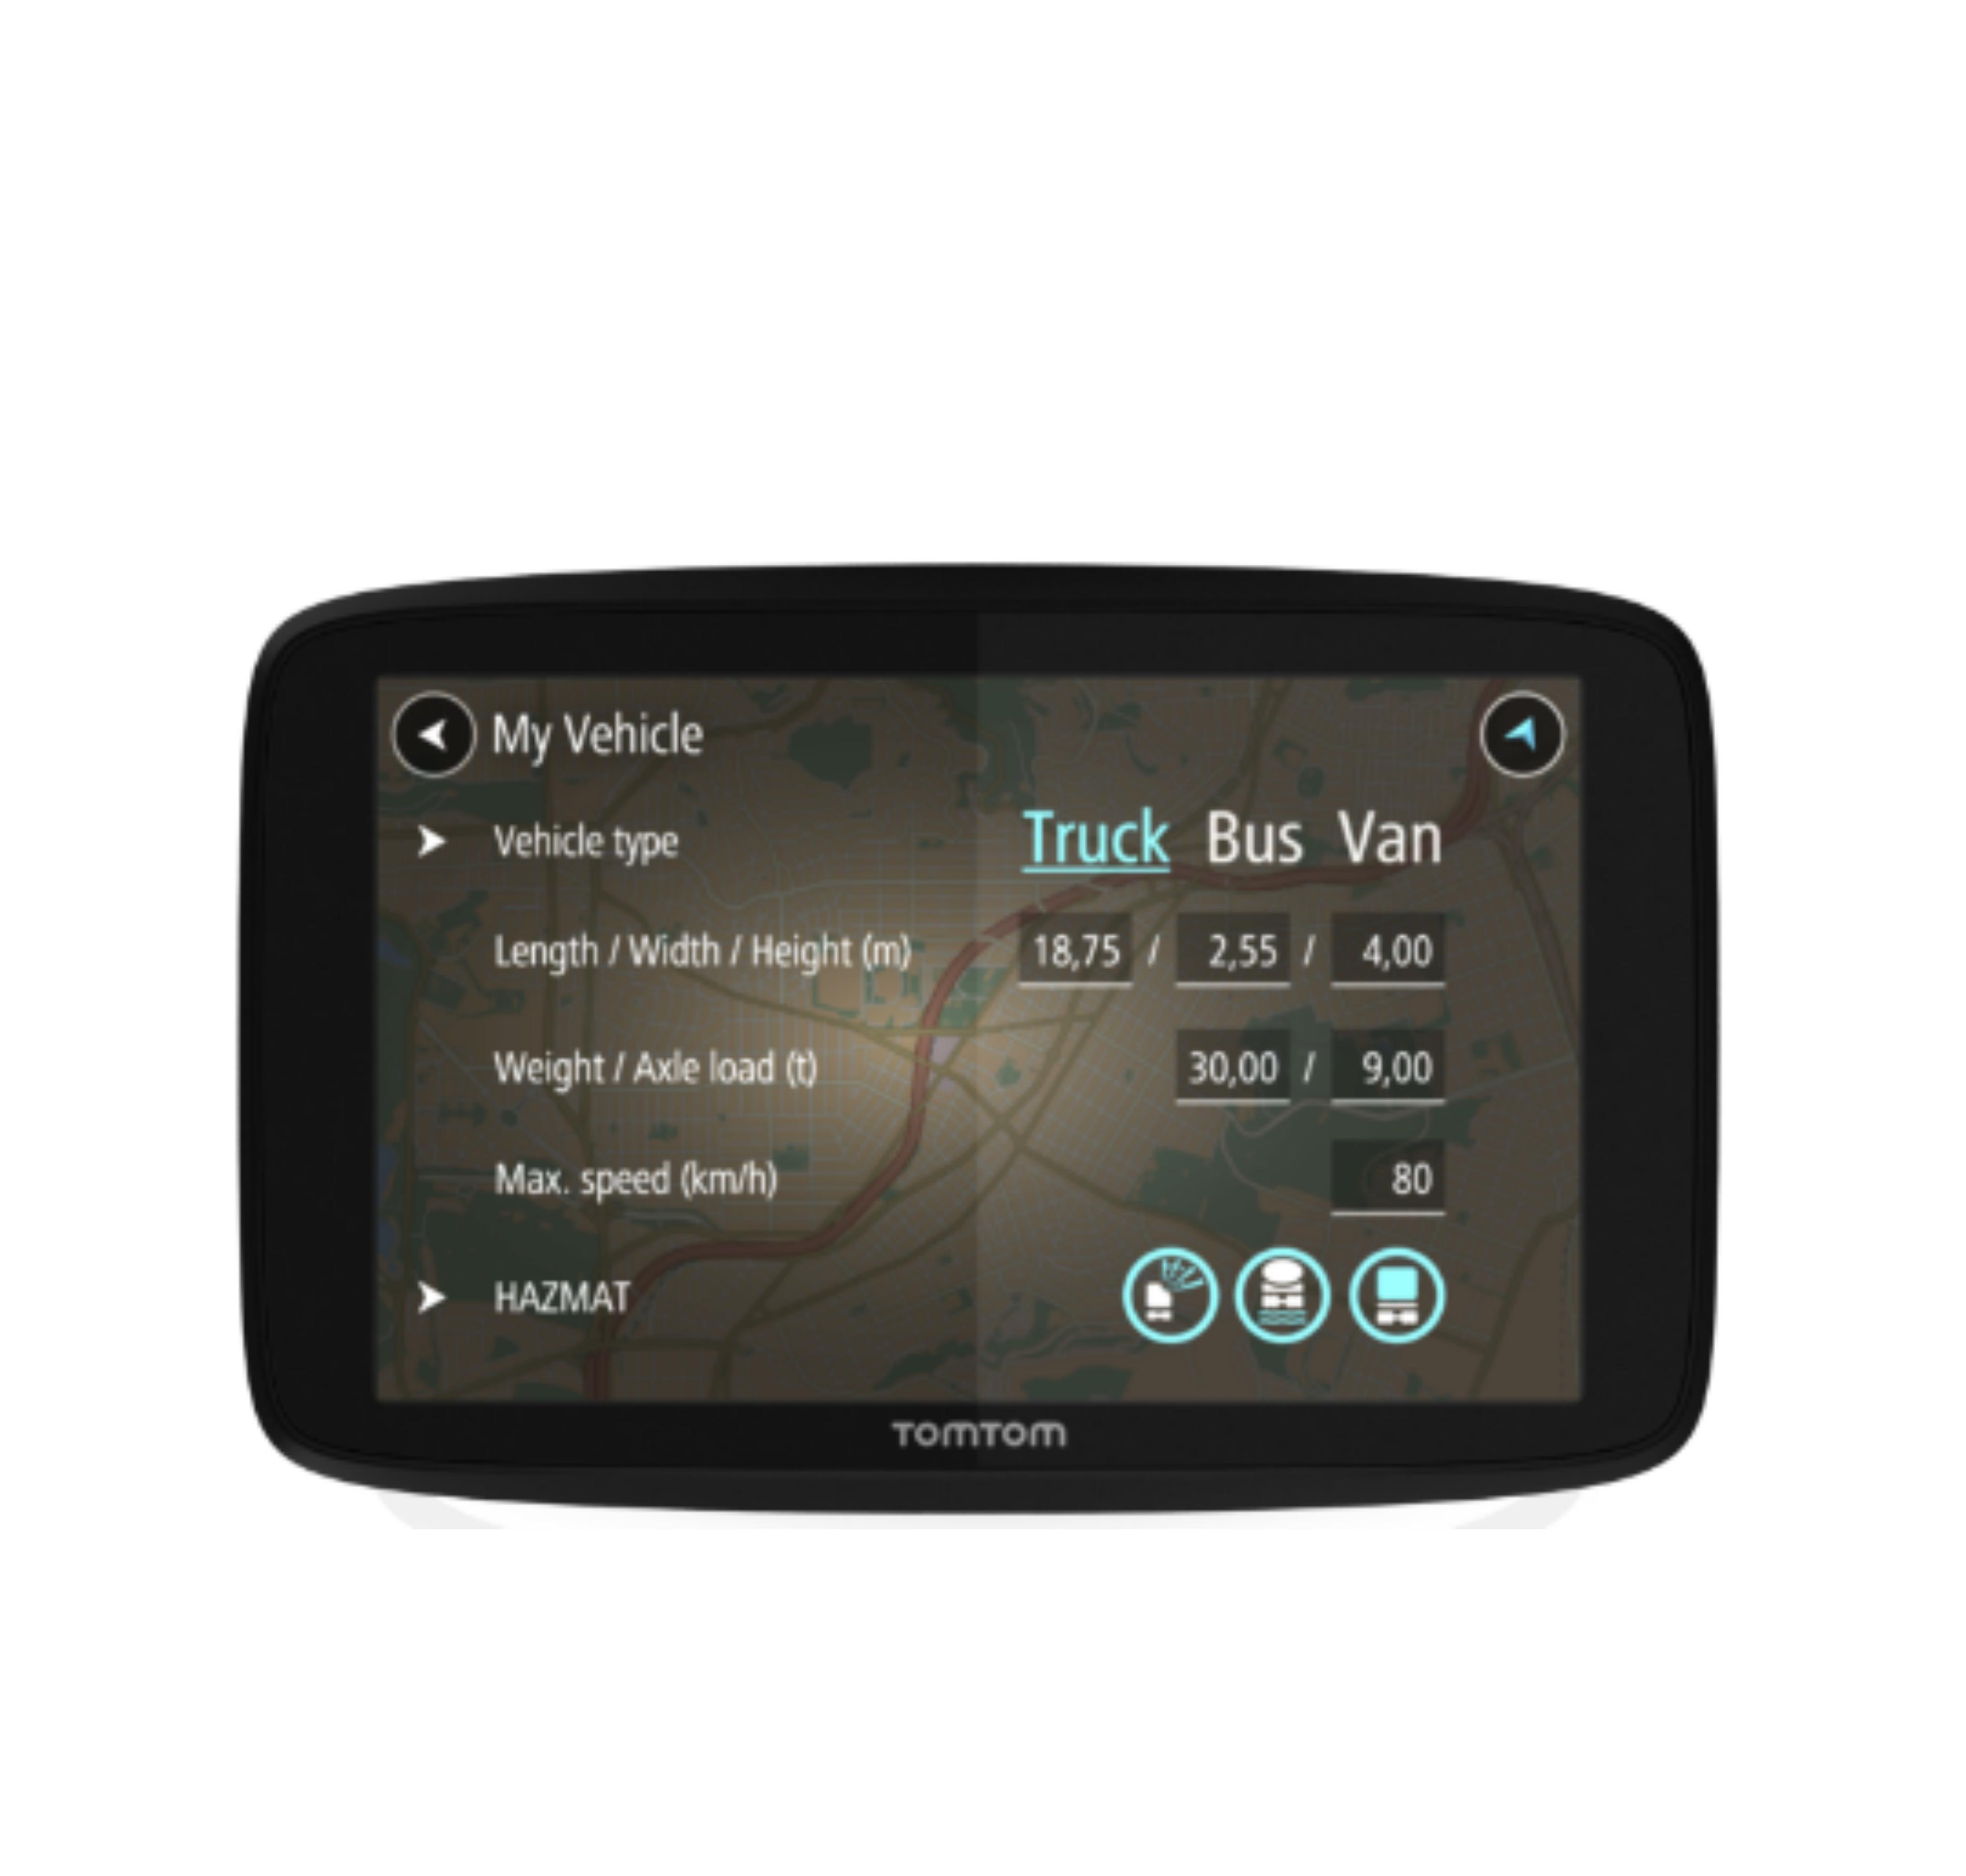 TomTom GO PRO 6200 EU Trucker GPS SatNav Truck Fleet Coach Van Free Lifetime Map